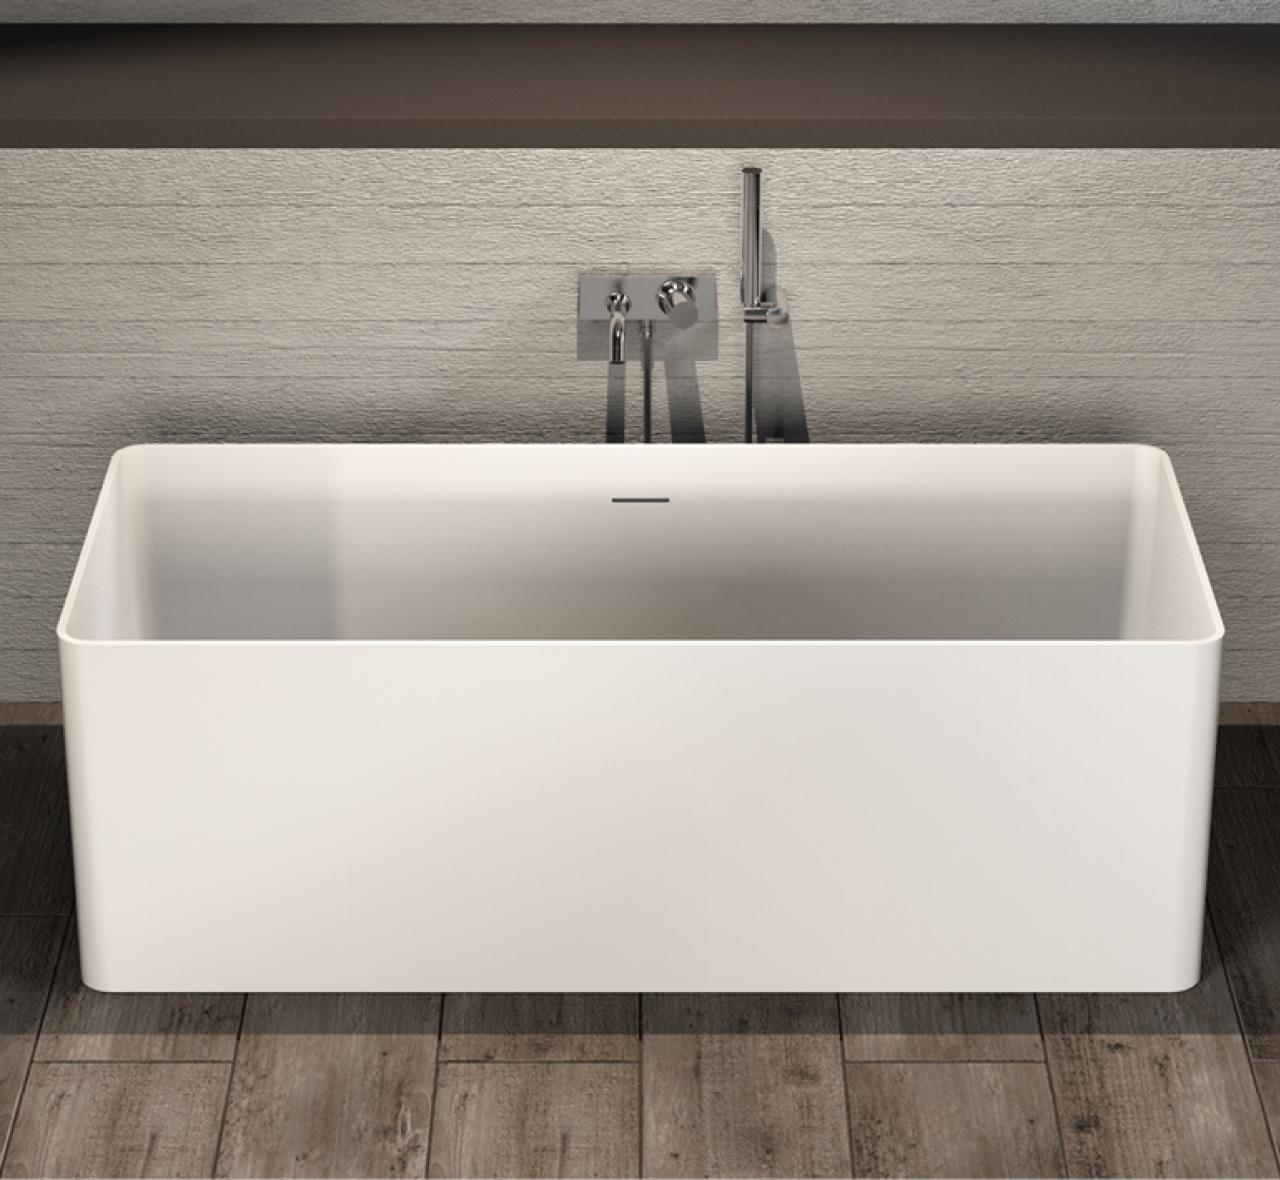 New Solid-S vrijstaand ligbad Solid Surface rechthoek 160 x 70 x 55 cm DQ59